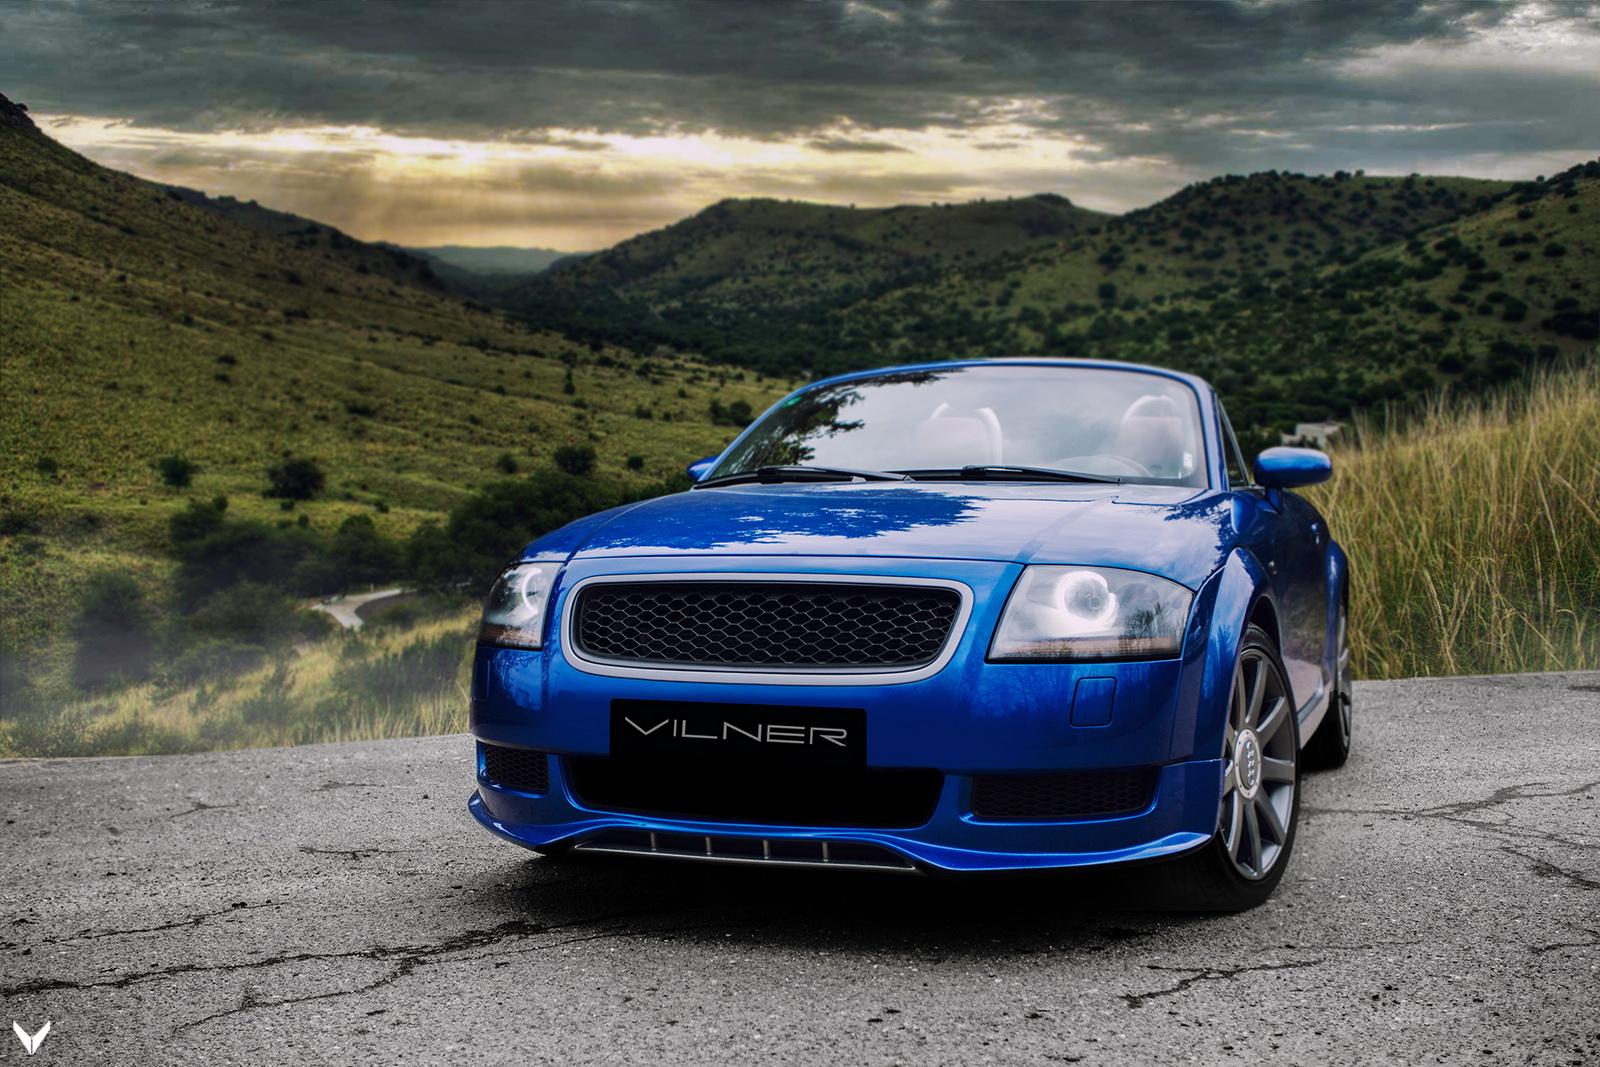 Audi_TT_roadster_by_Vilner_01